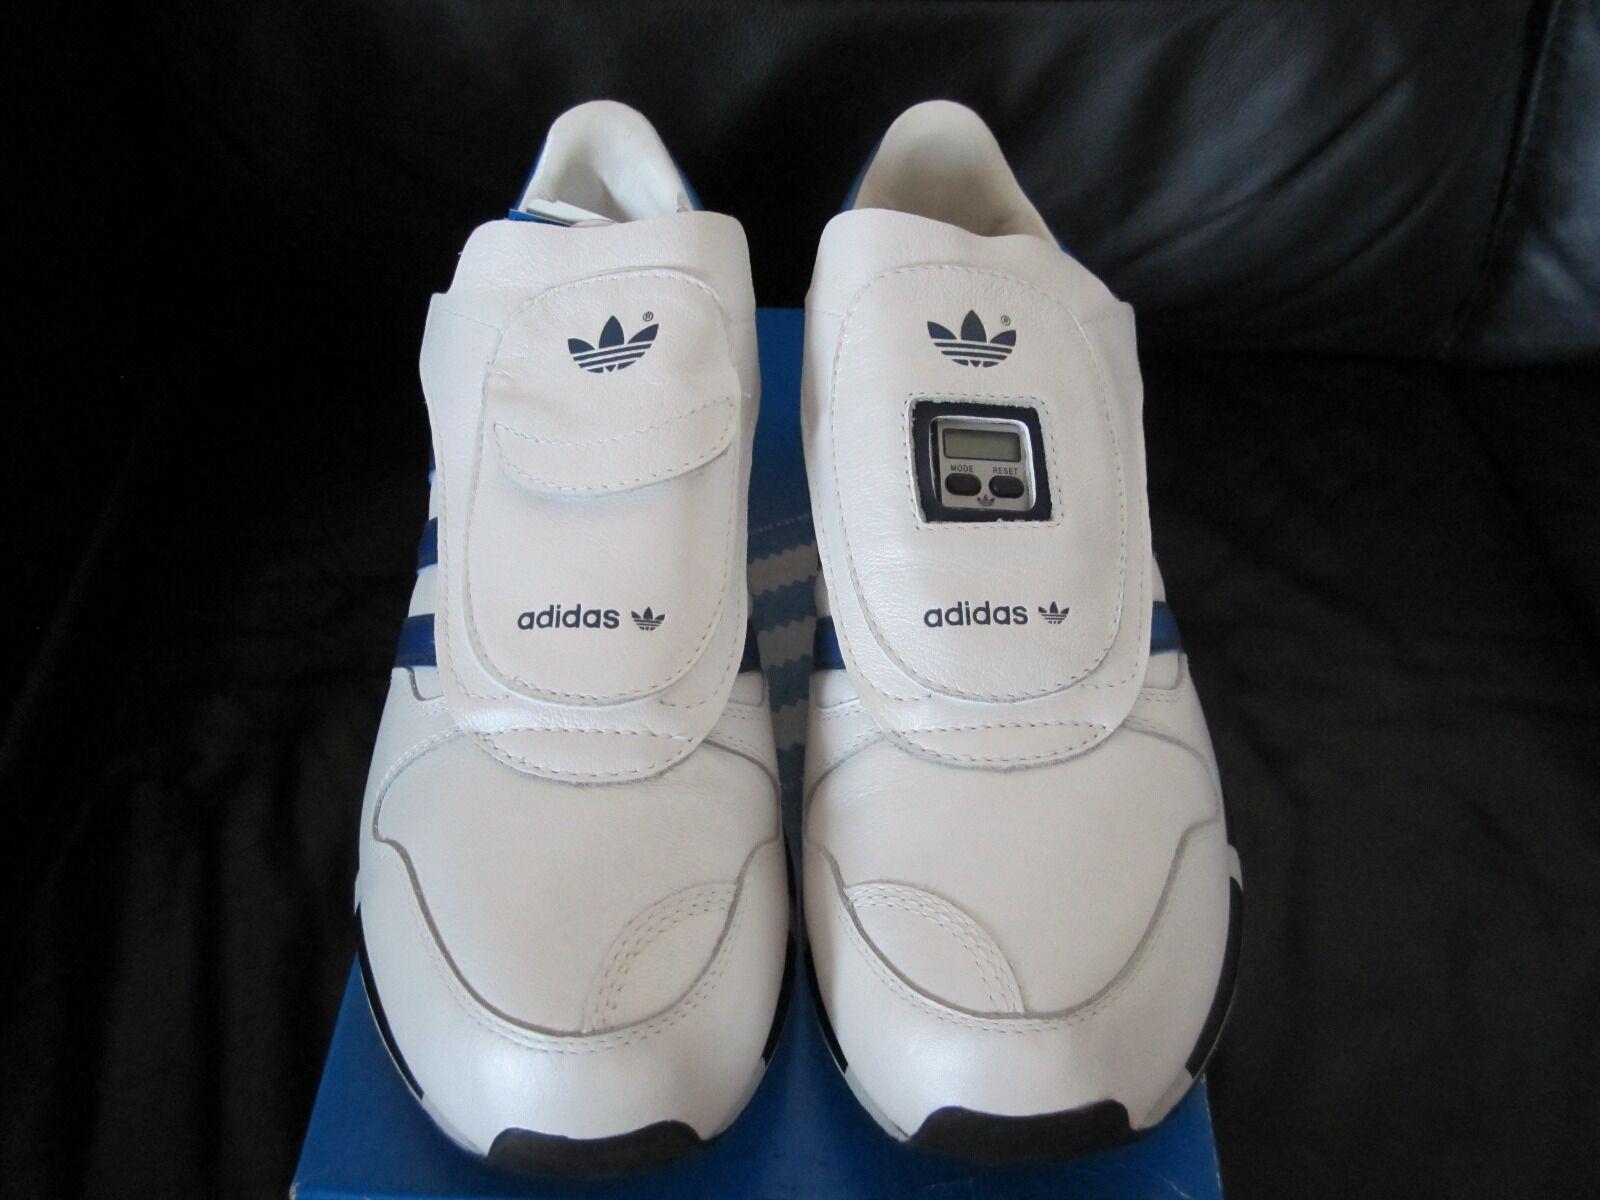 Adidas D.S /U.s.a 2001 micropaser edición limitada Reino Unido /U.s.a D.S 9. bda014